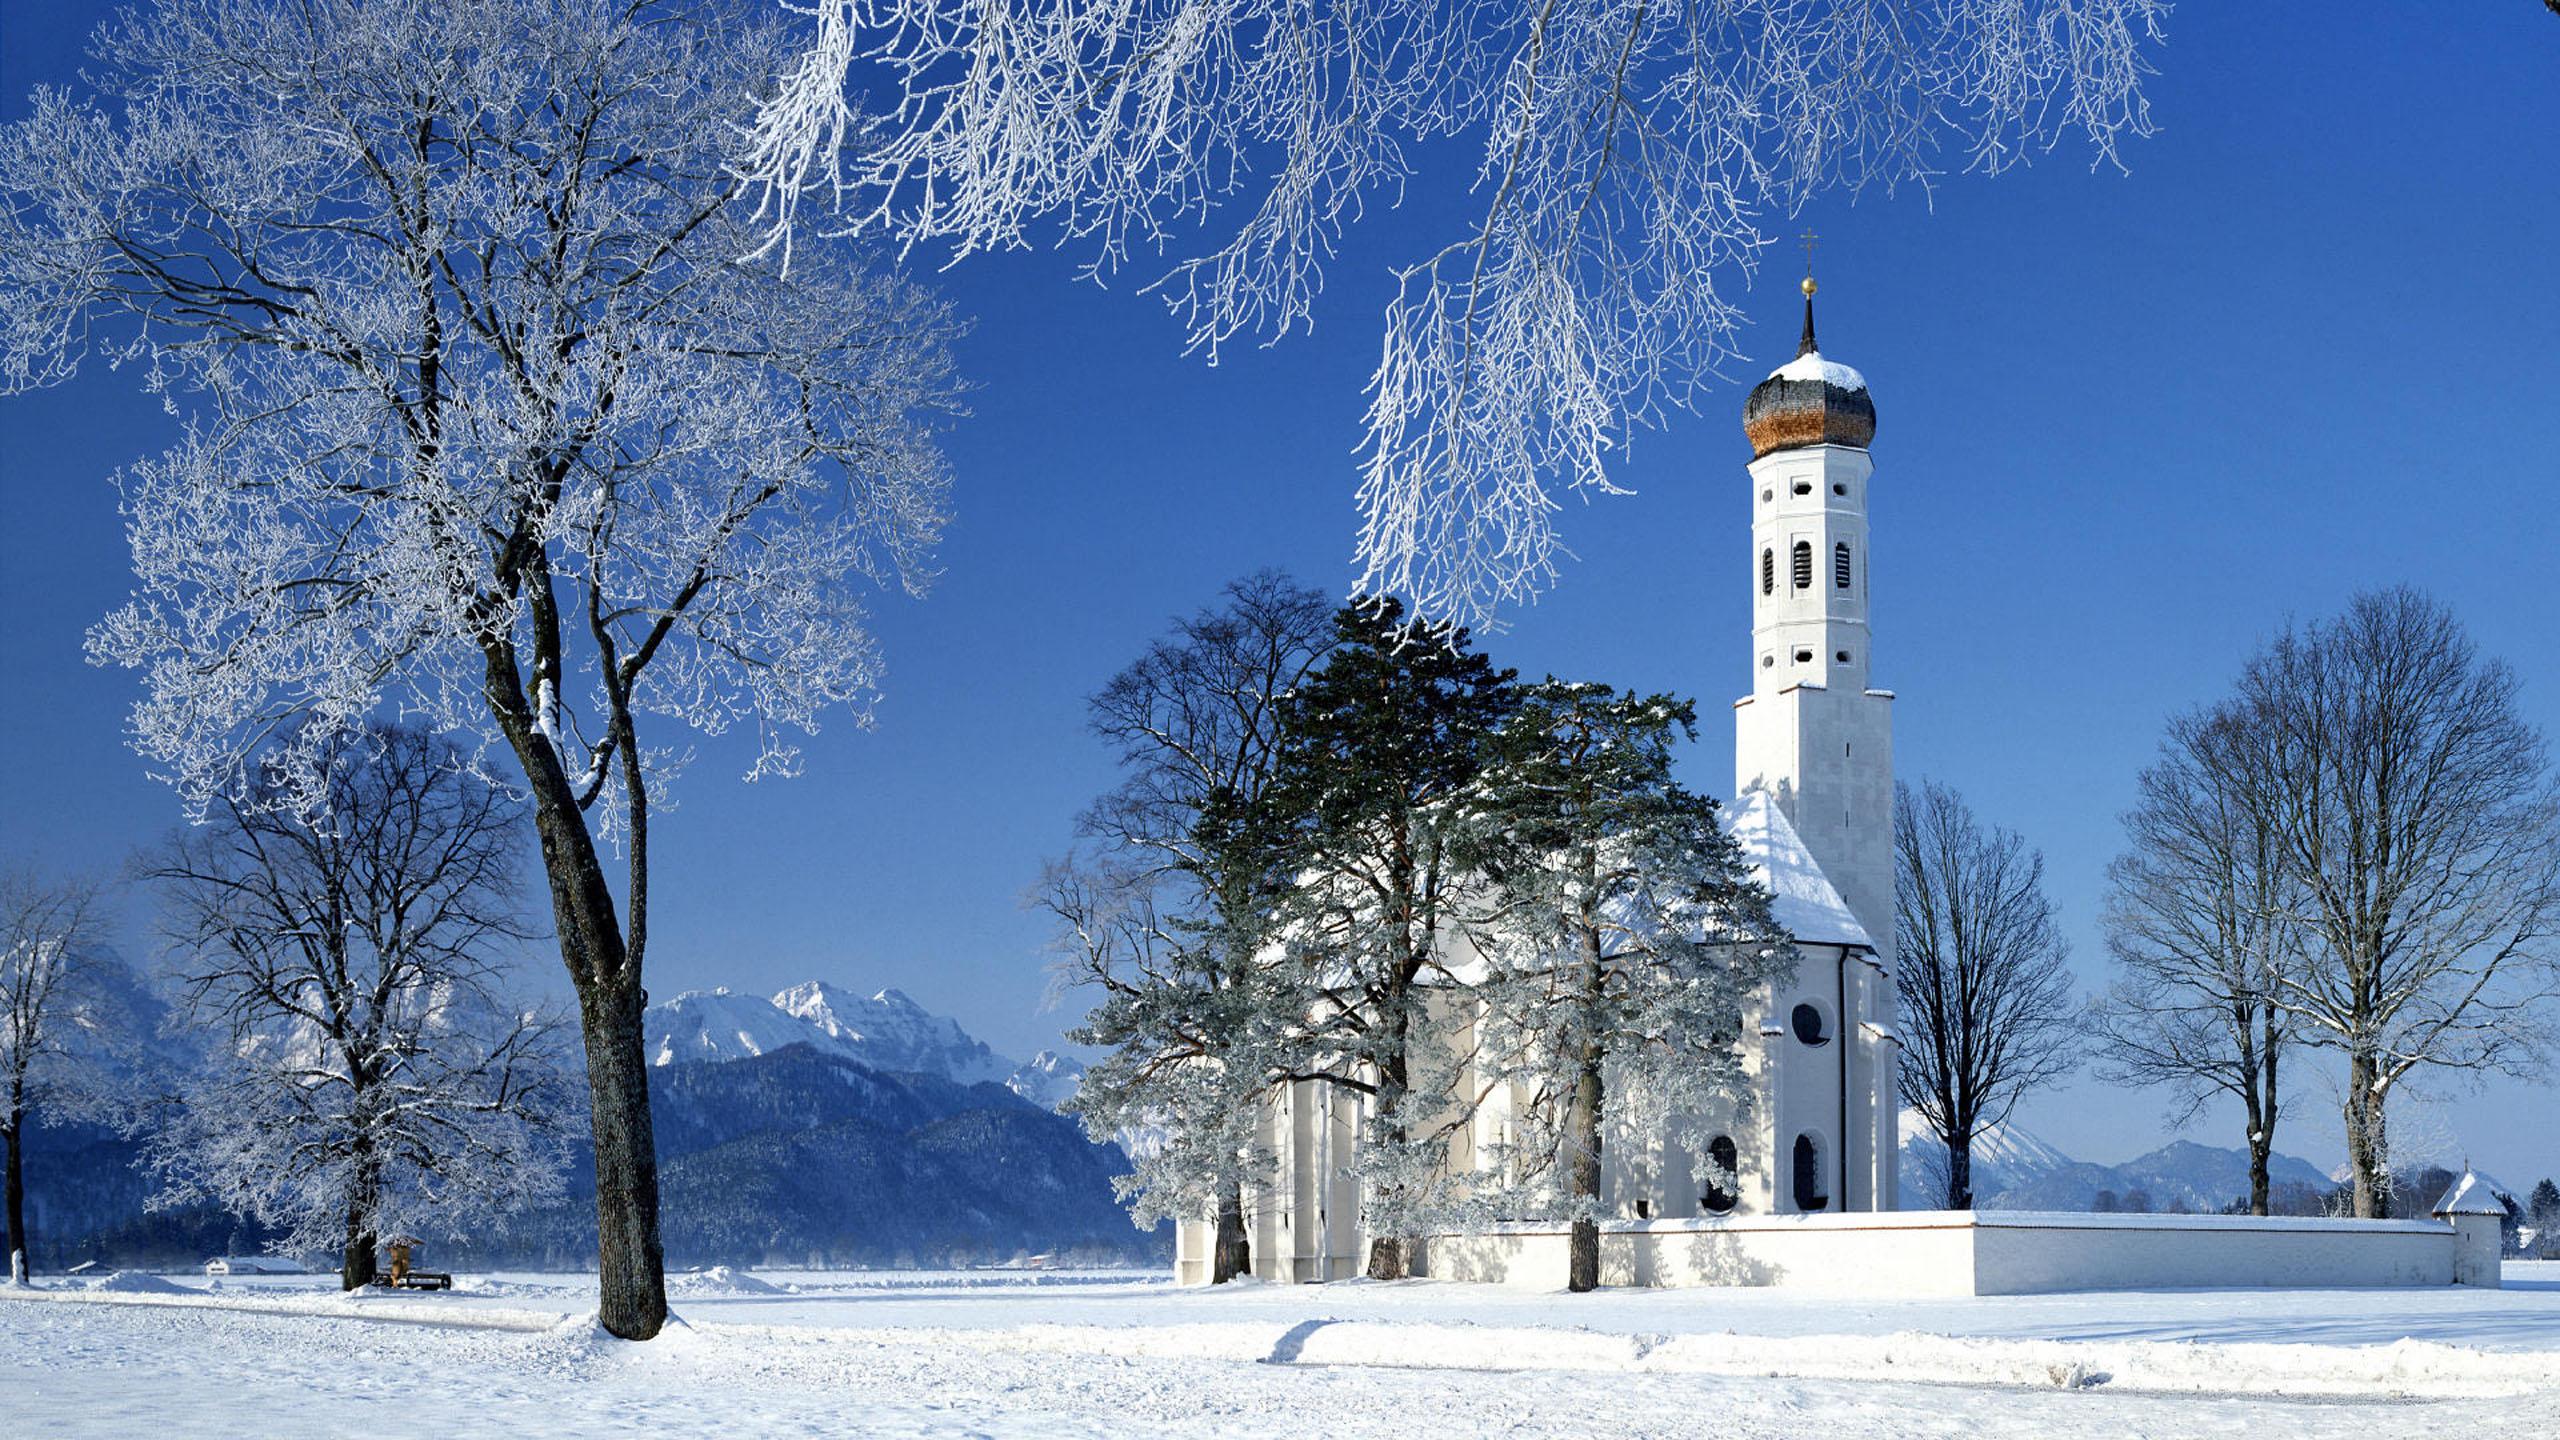 зимние пейзажи фотографии на рабочий стол использовать